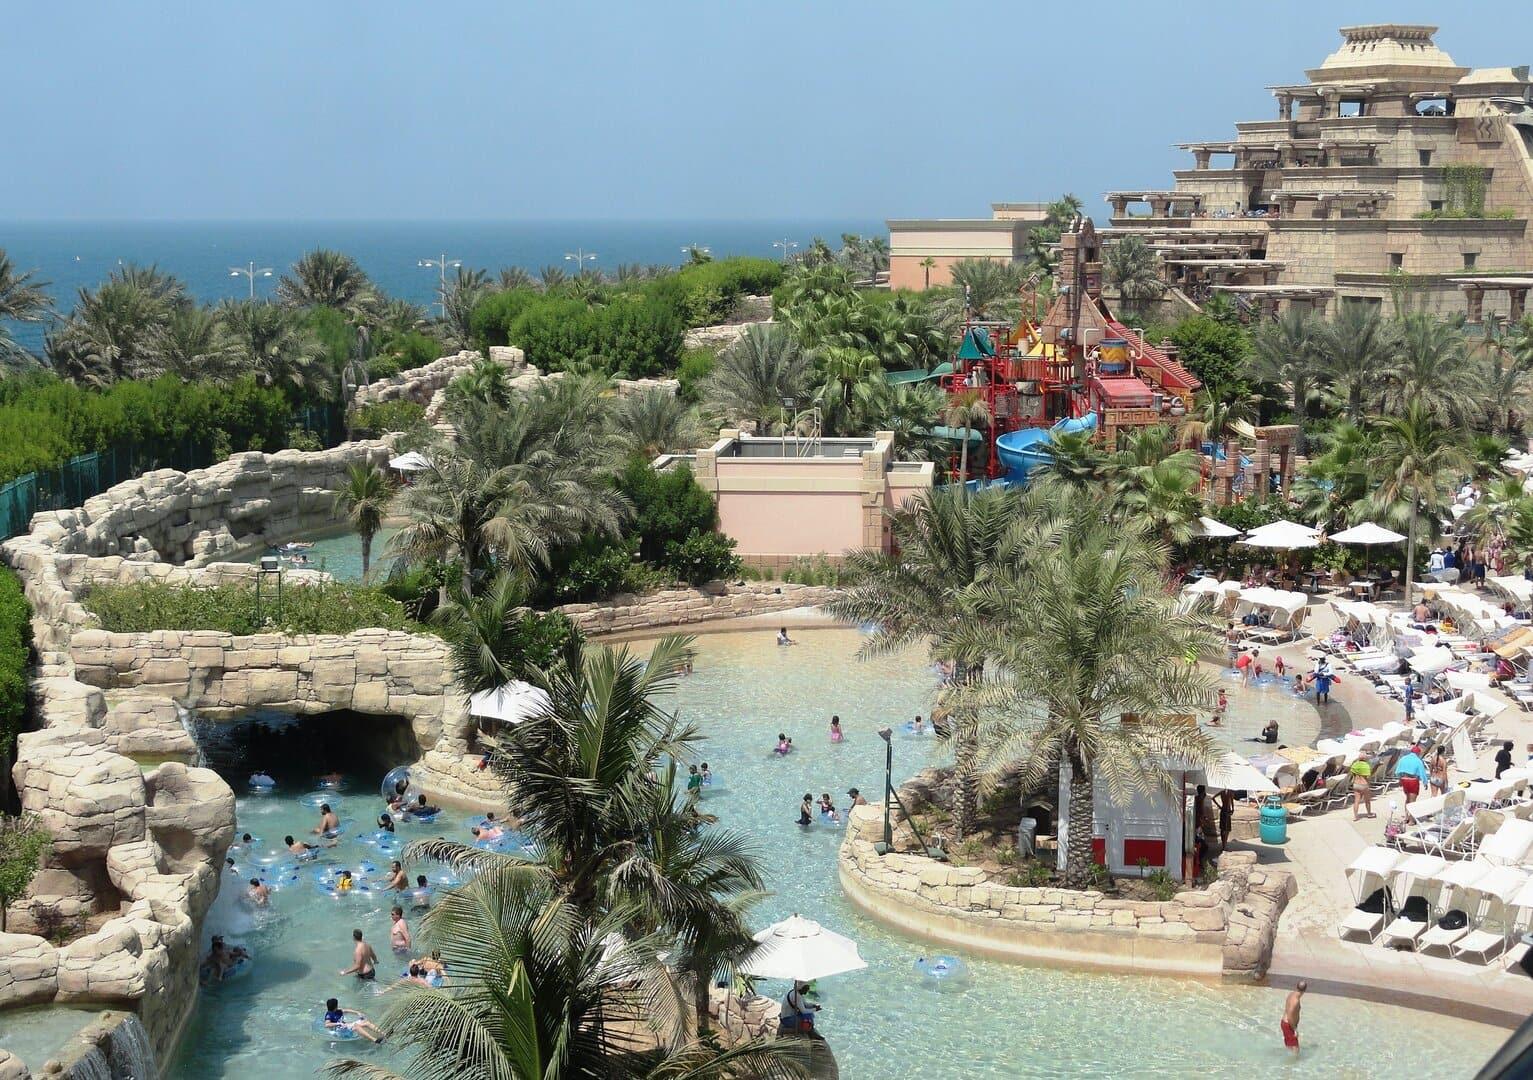 Emirates ingyen csúszdapark aquaventure Dubaj